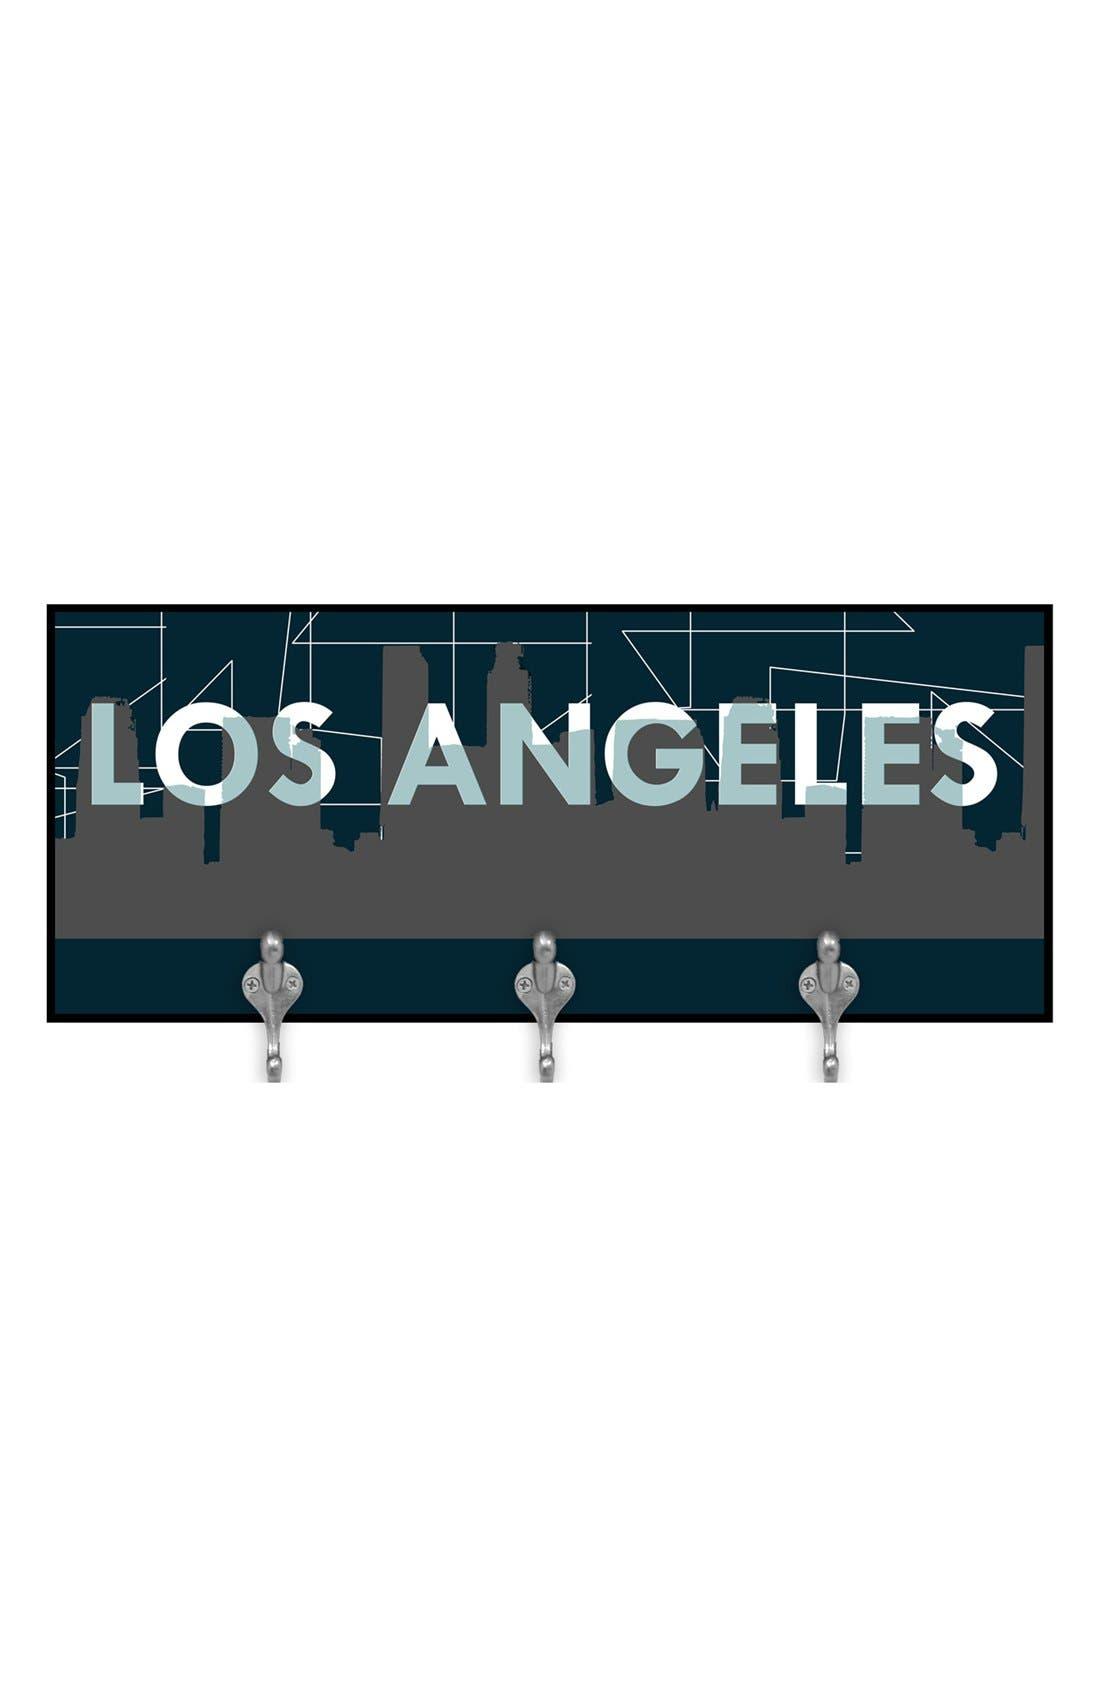 Alternate Image 1 Selected - Green Leaf Art 'Los Angeles' Multi Hook Wall Mount Rack